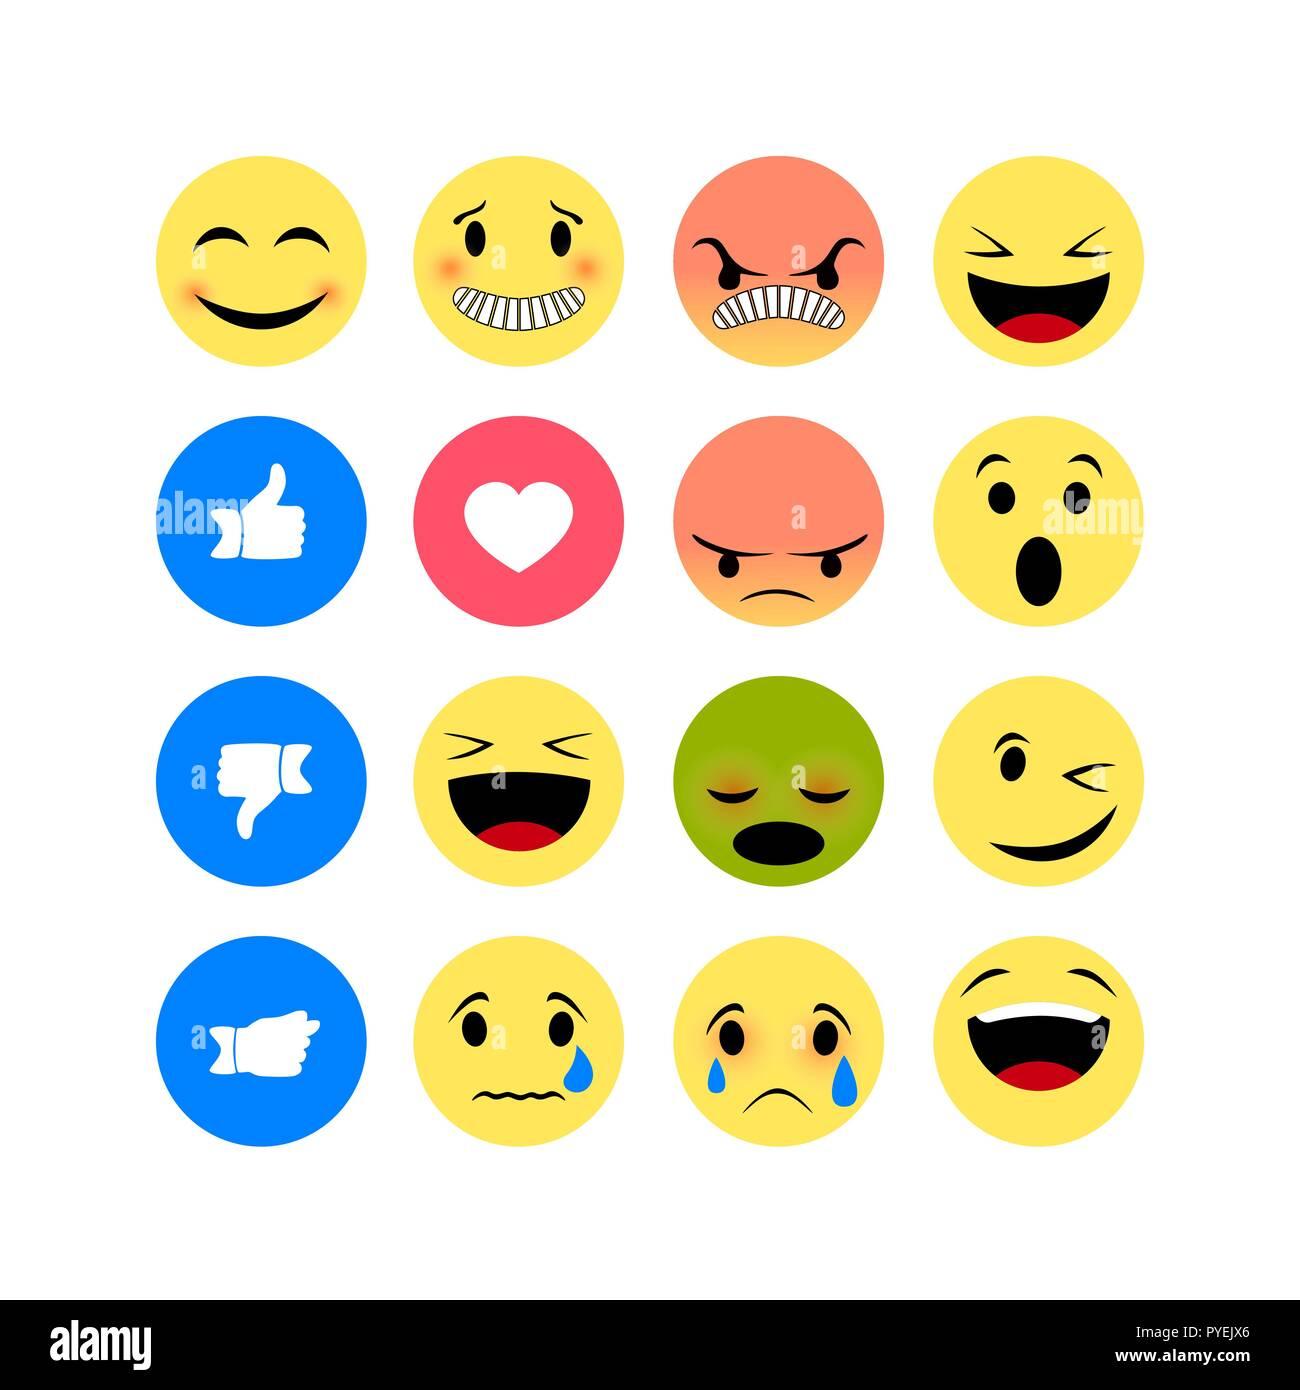 Emotion icons isolated on white background. Funny Emoji icon - Stock Image